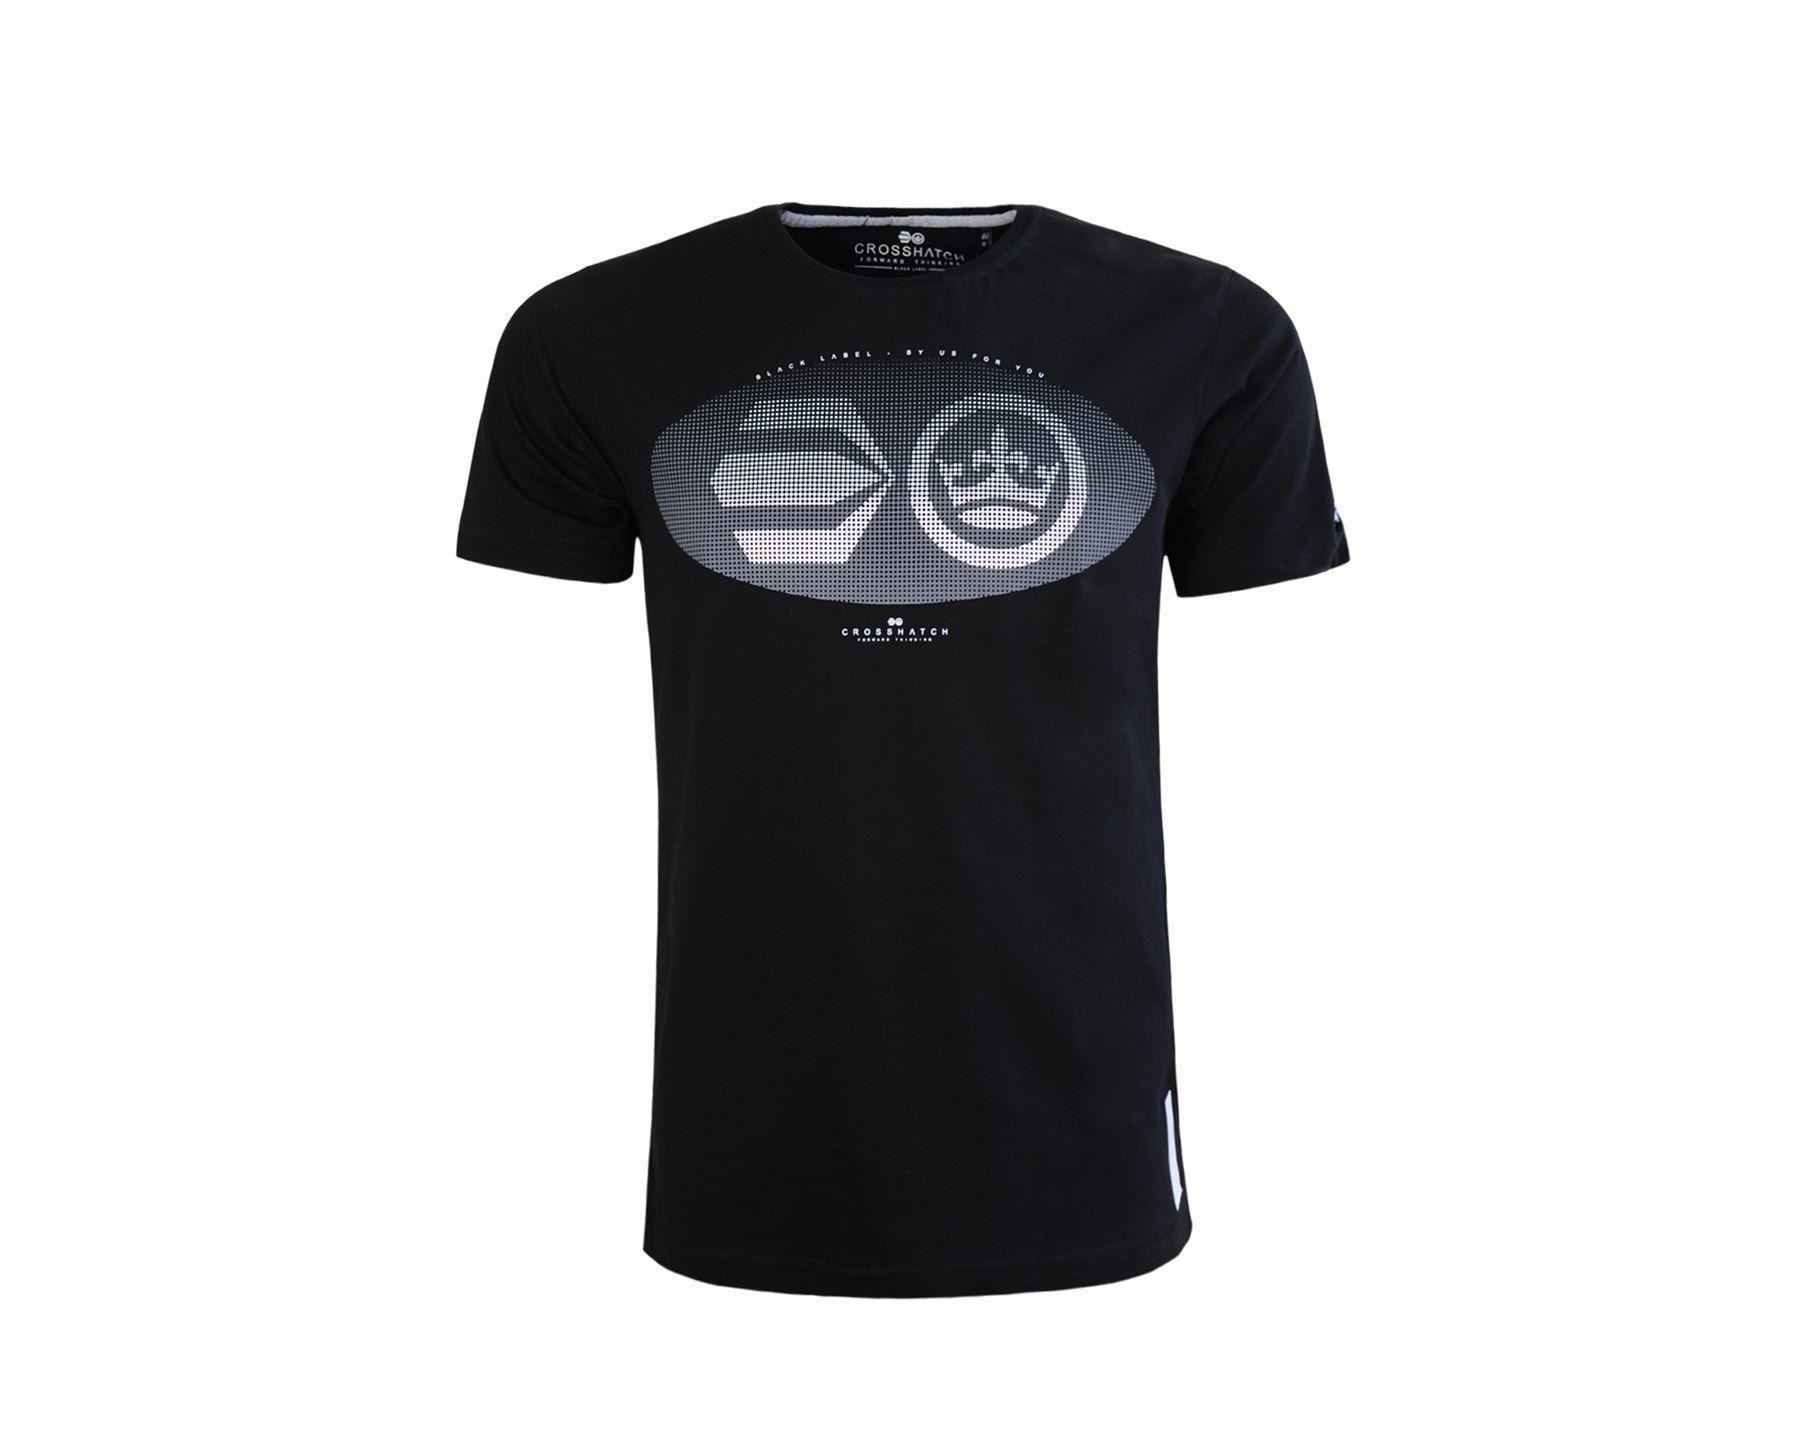 neuf-avec-etiquettes-homme-Crosshatch-Graphique-T-shirt-imprime-S-M-L-XL-XXL